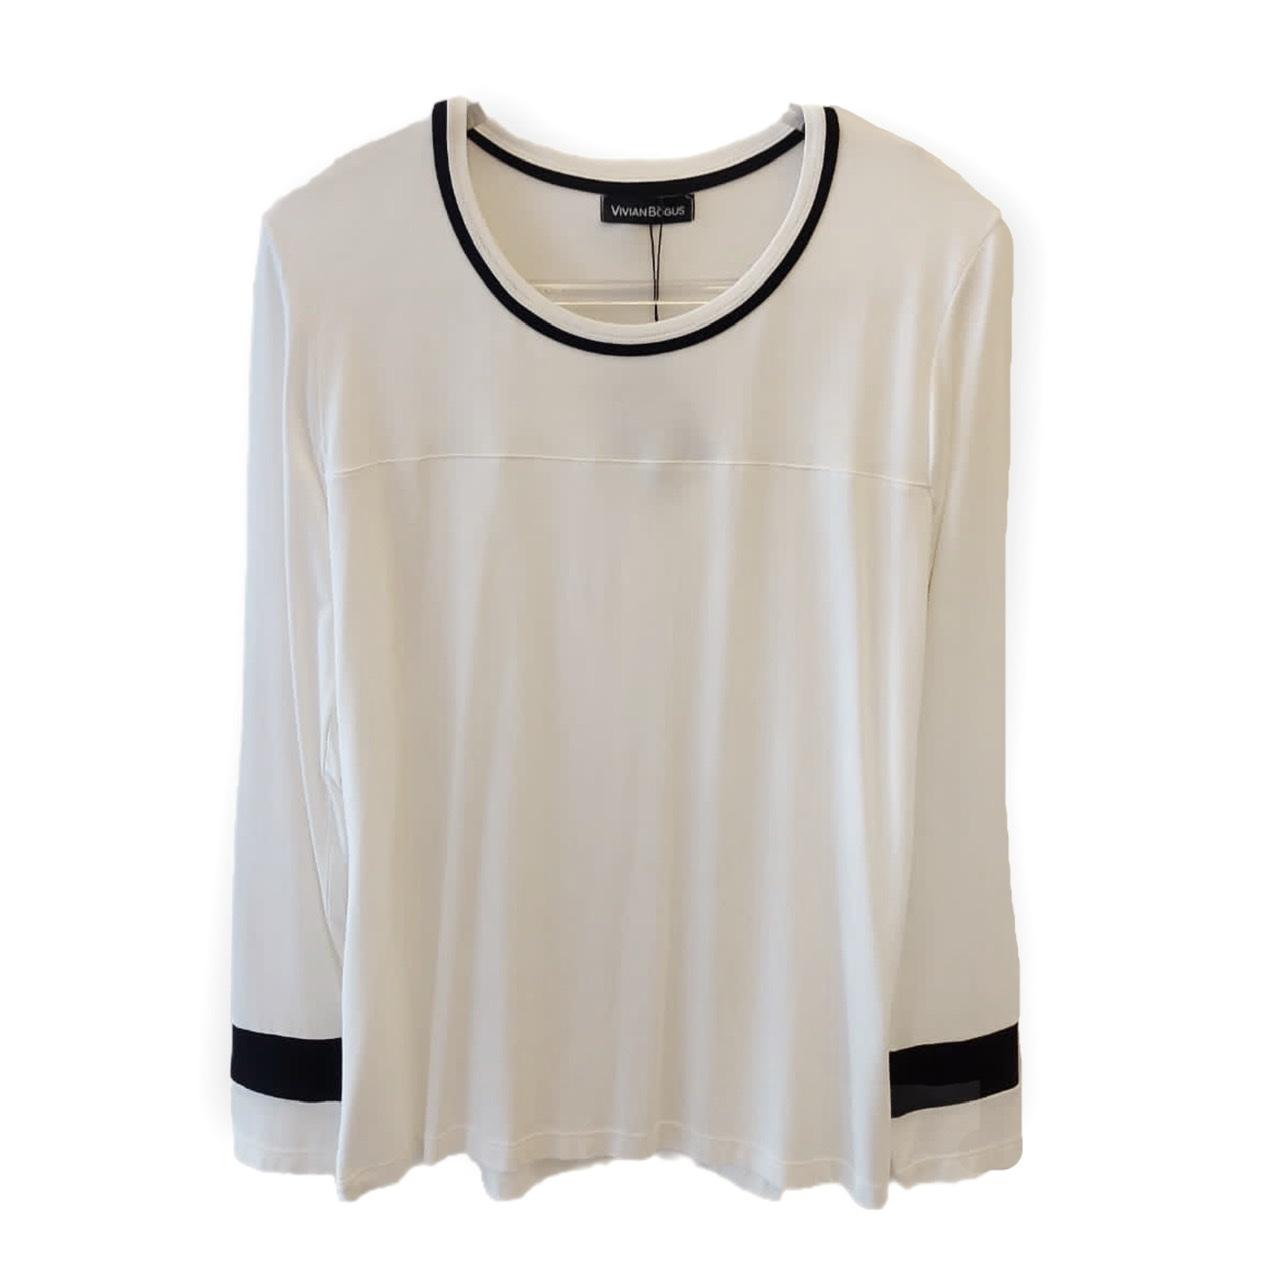 Blusa off white com friso preto no decote e manga longa